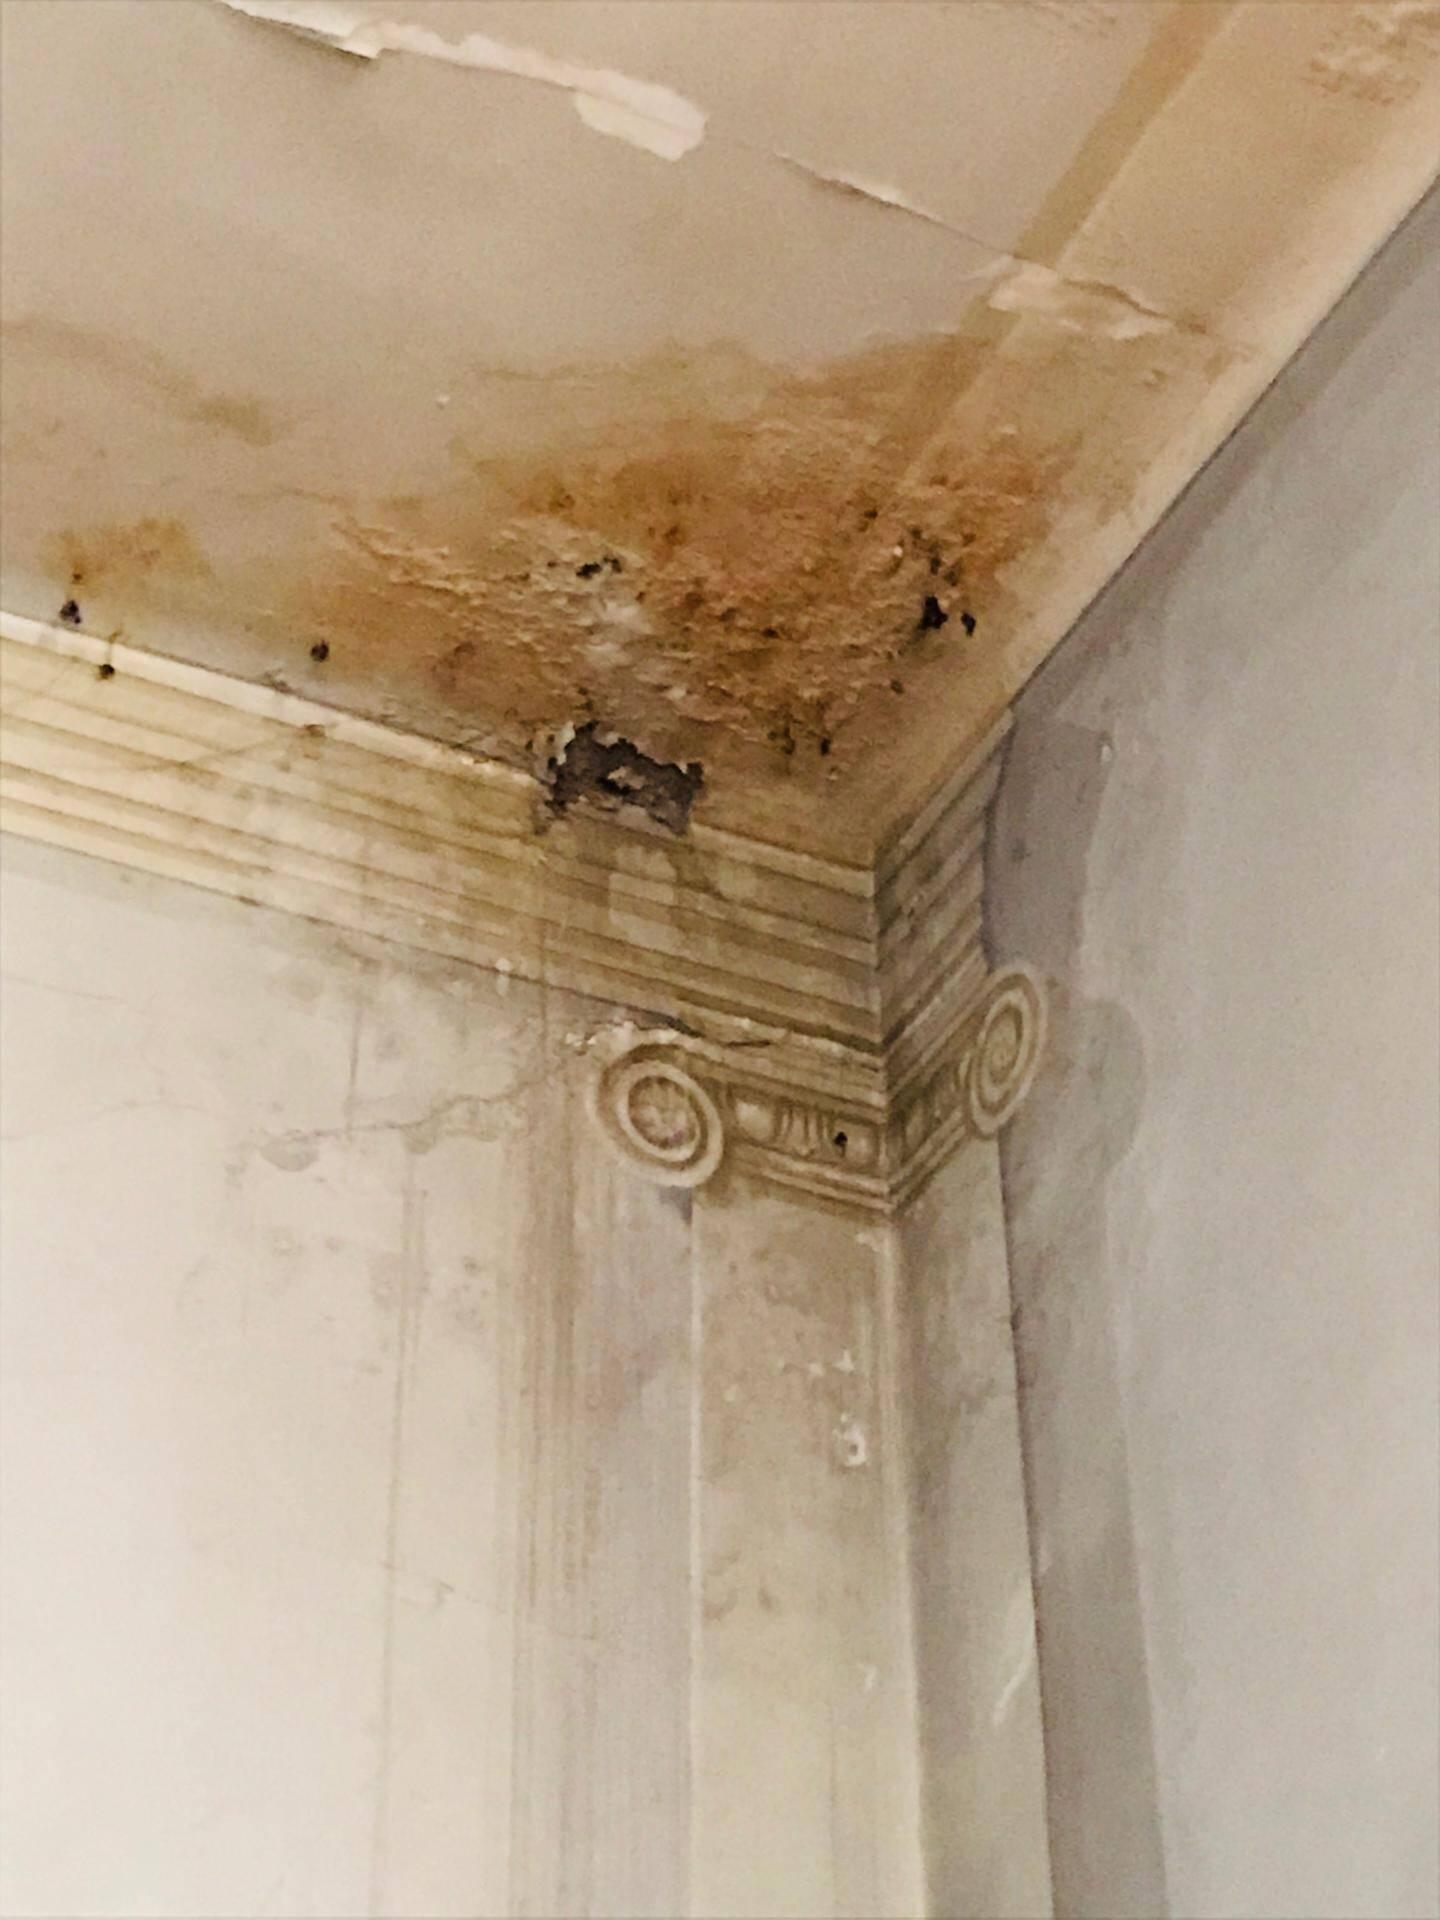 Traces d'humidité, peinture écaillée, morceaux de mur détachés, fissures: la dégradation est effarante.